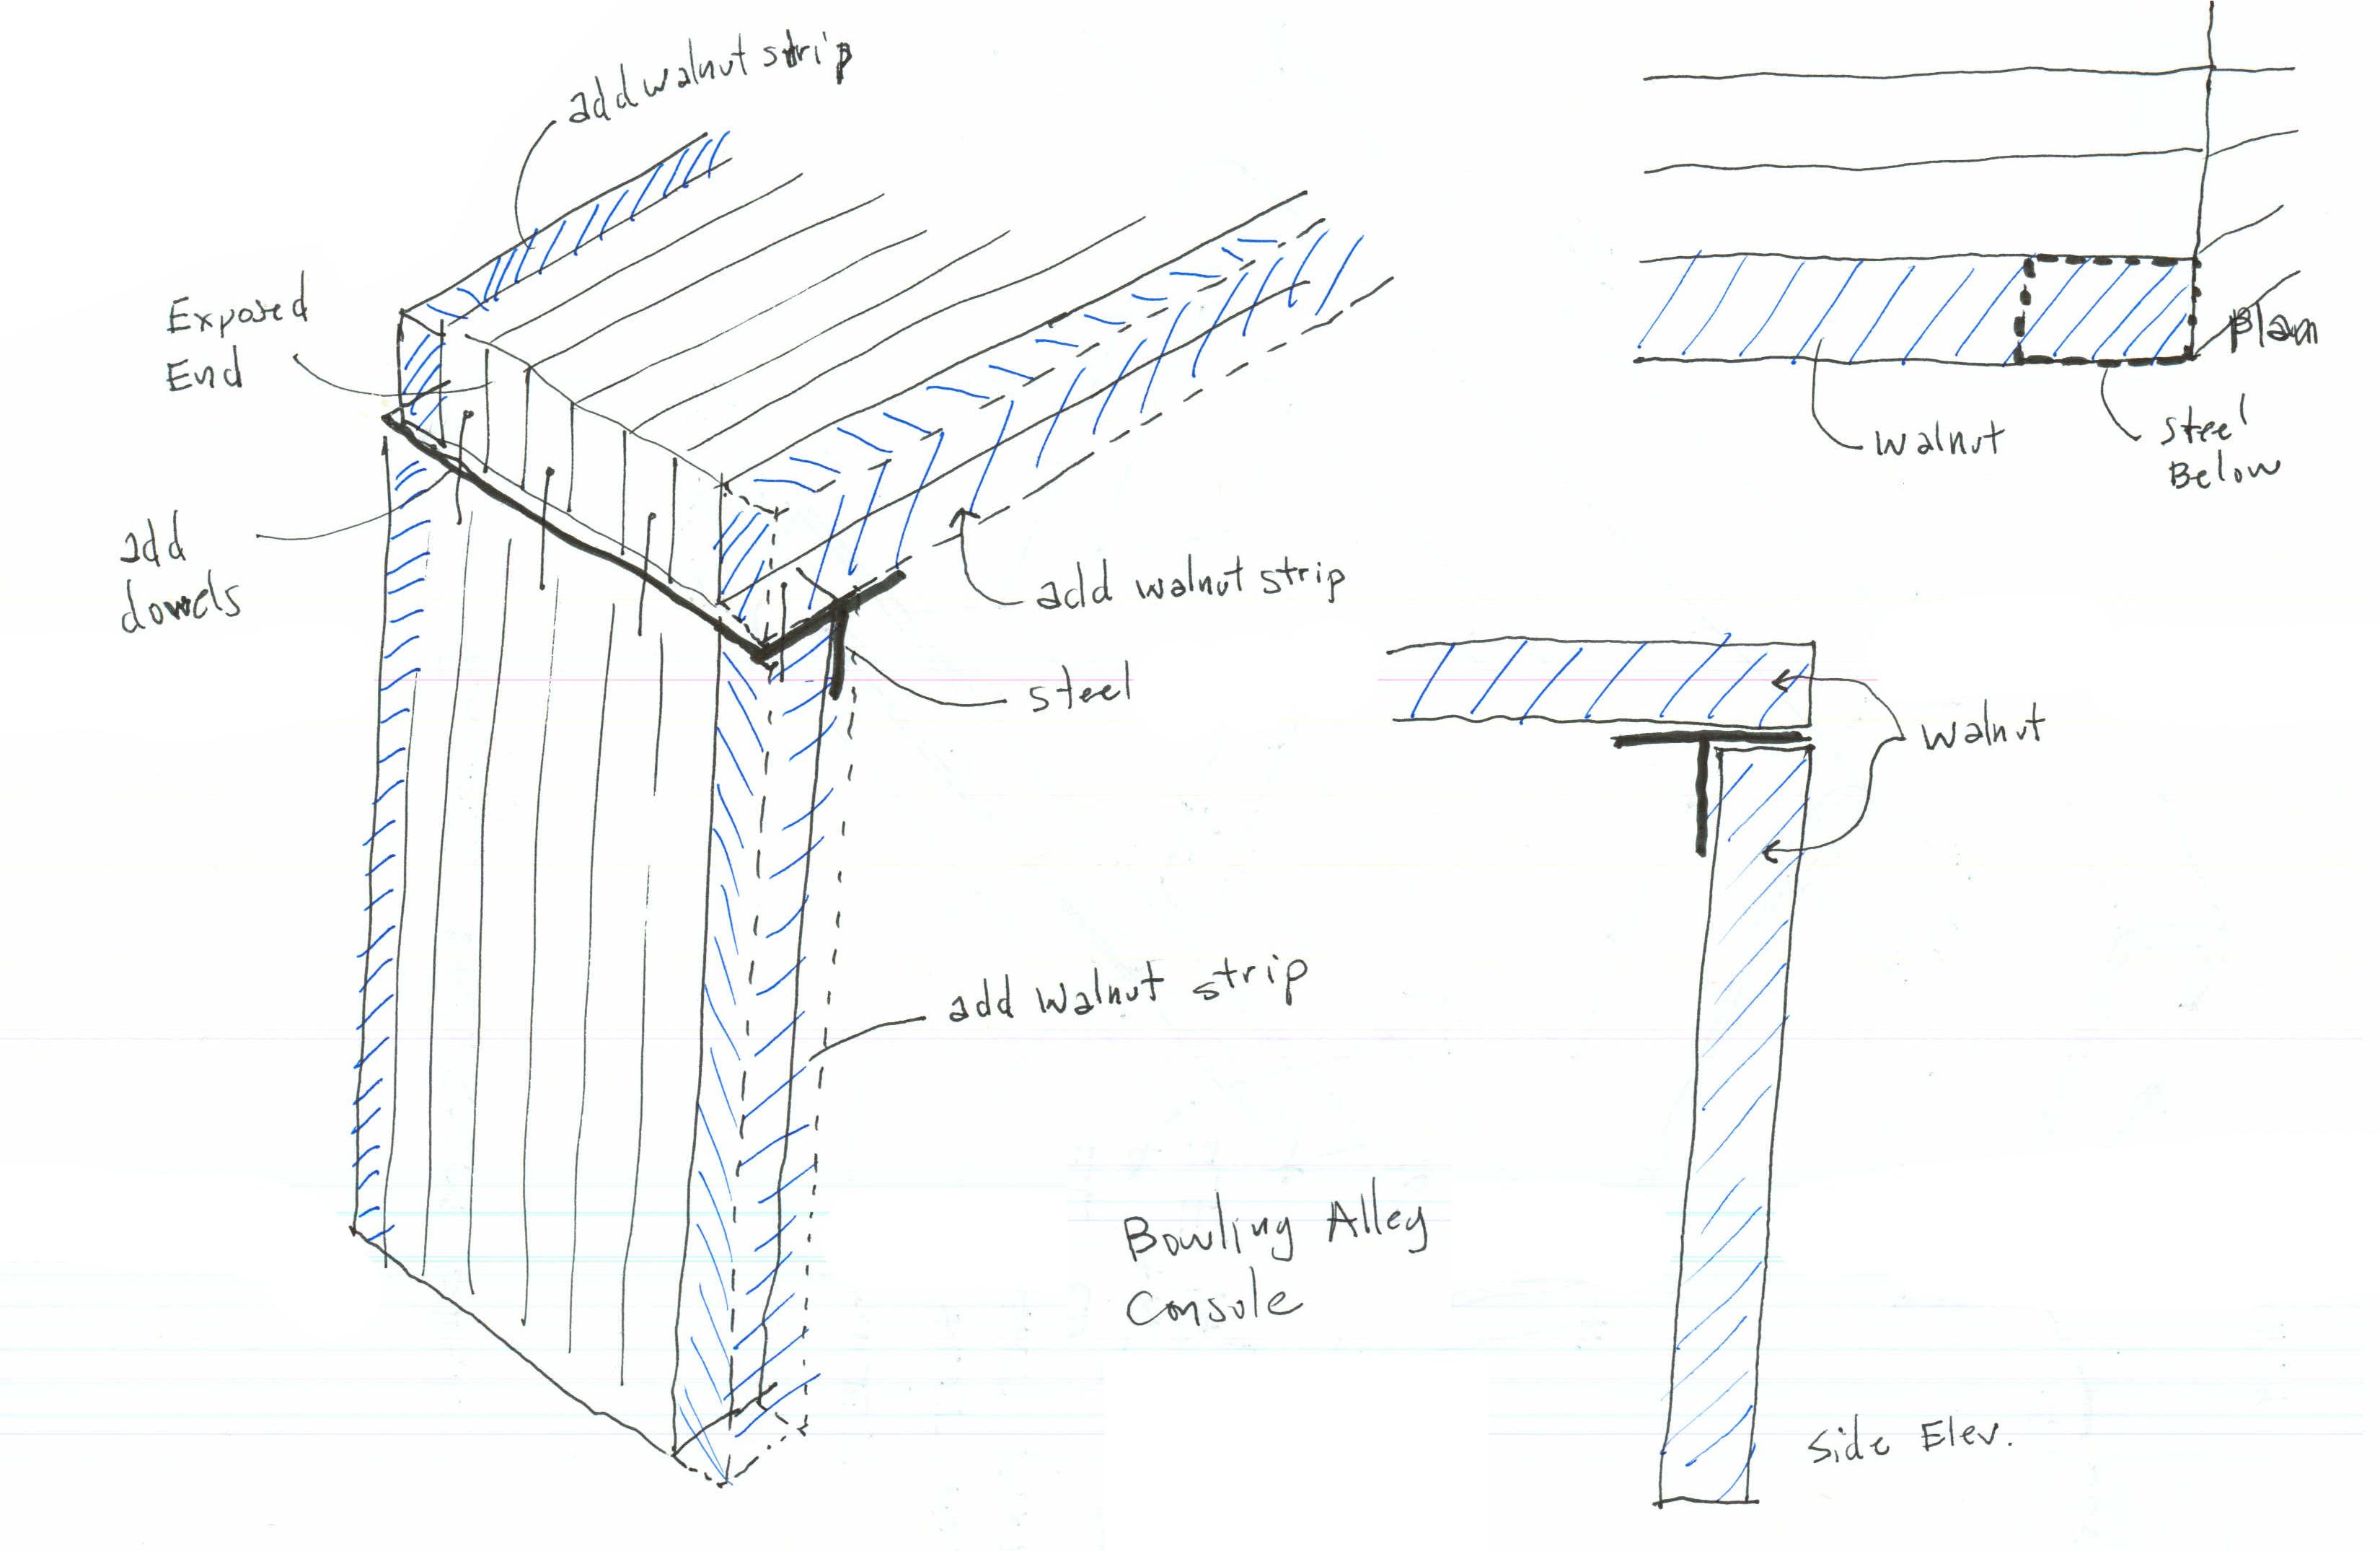 console sketch